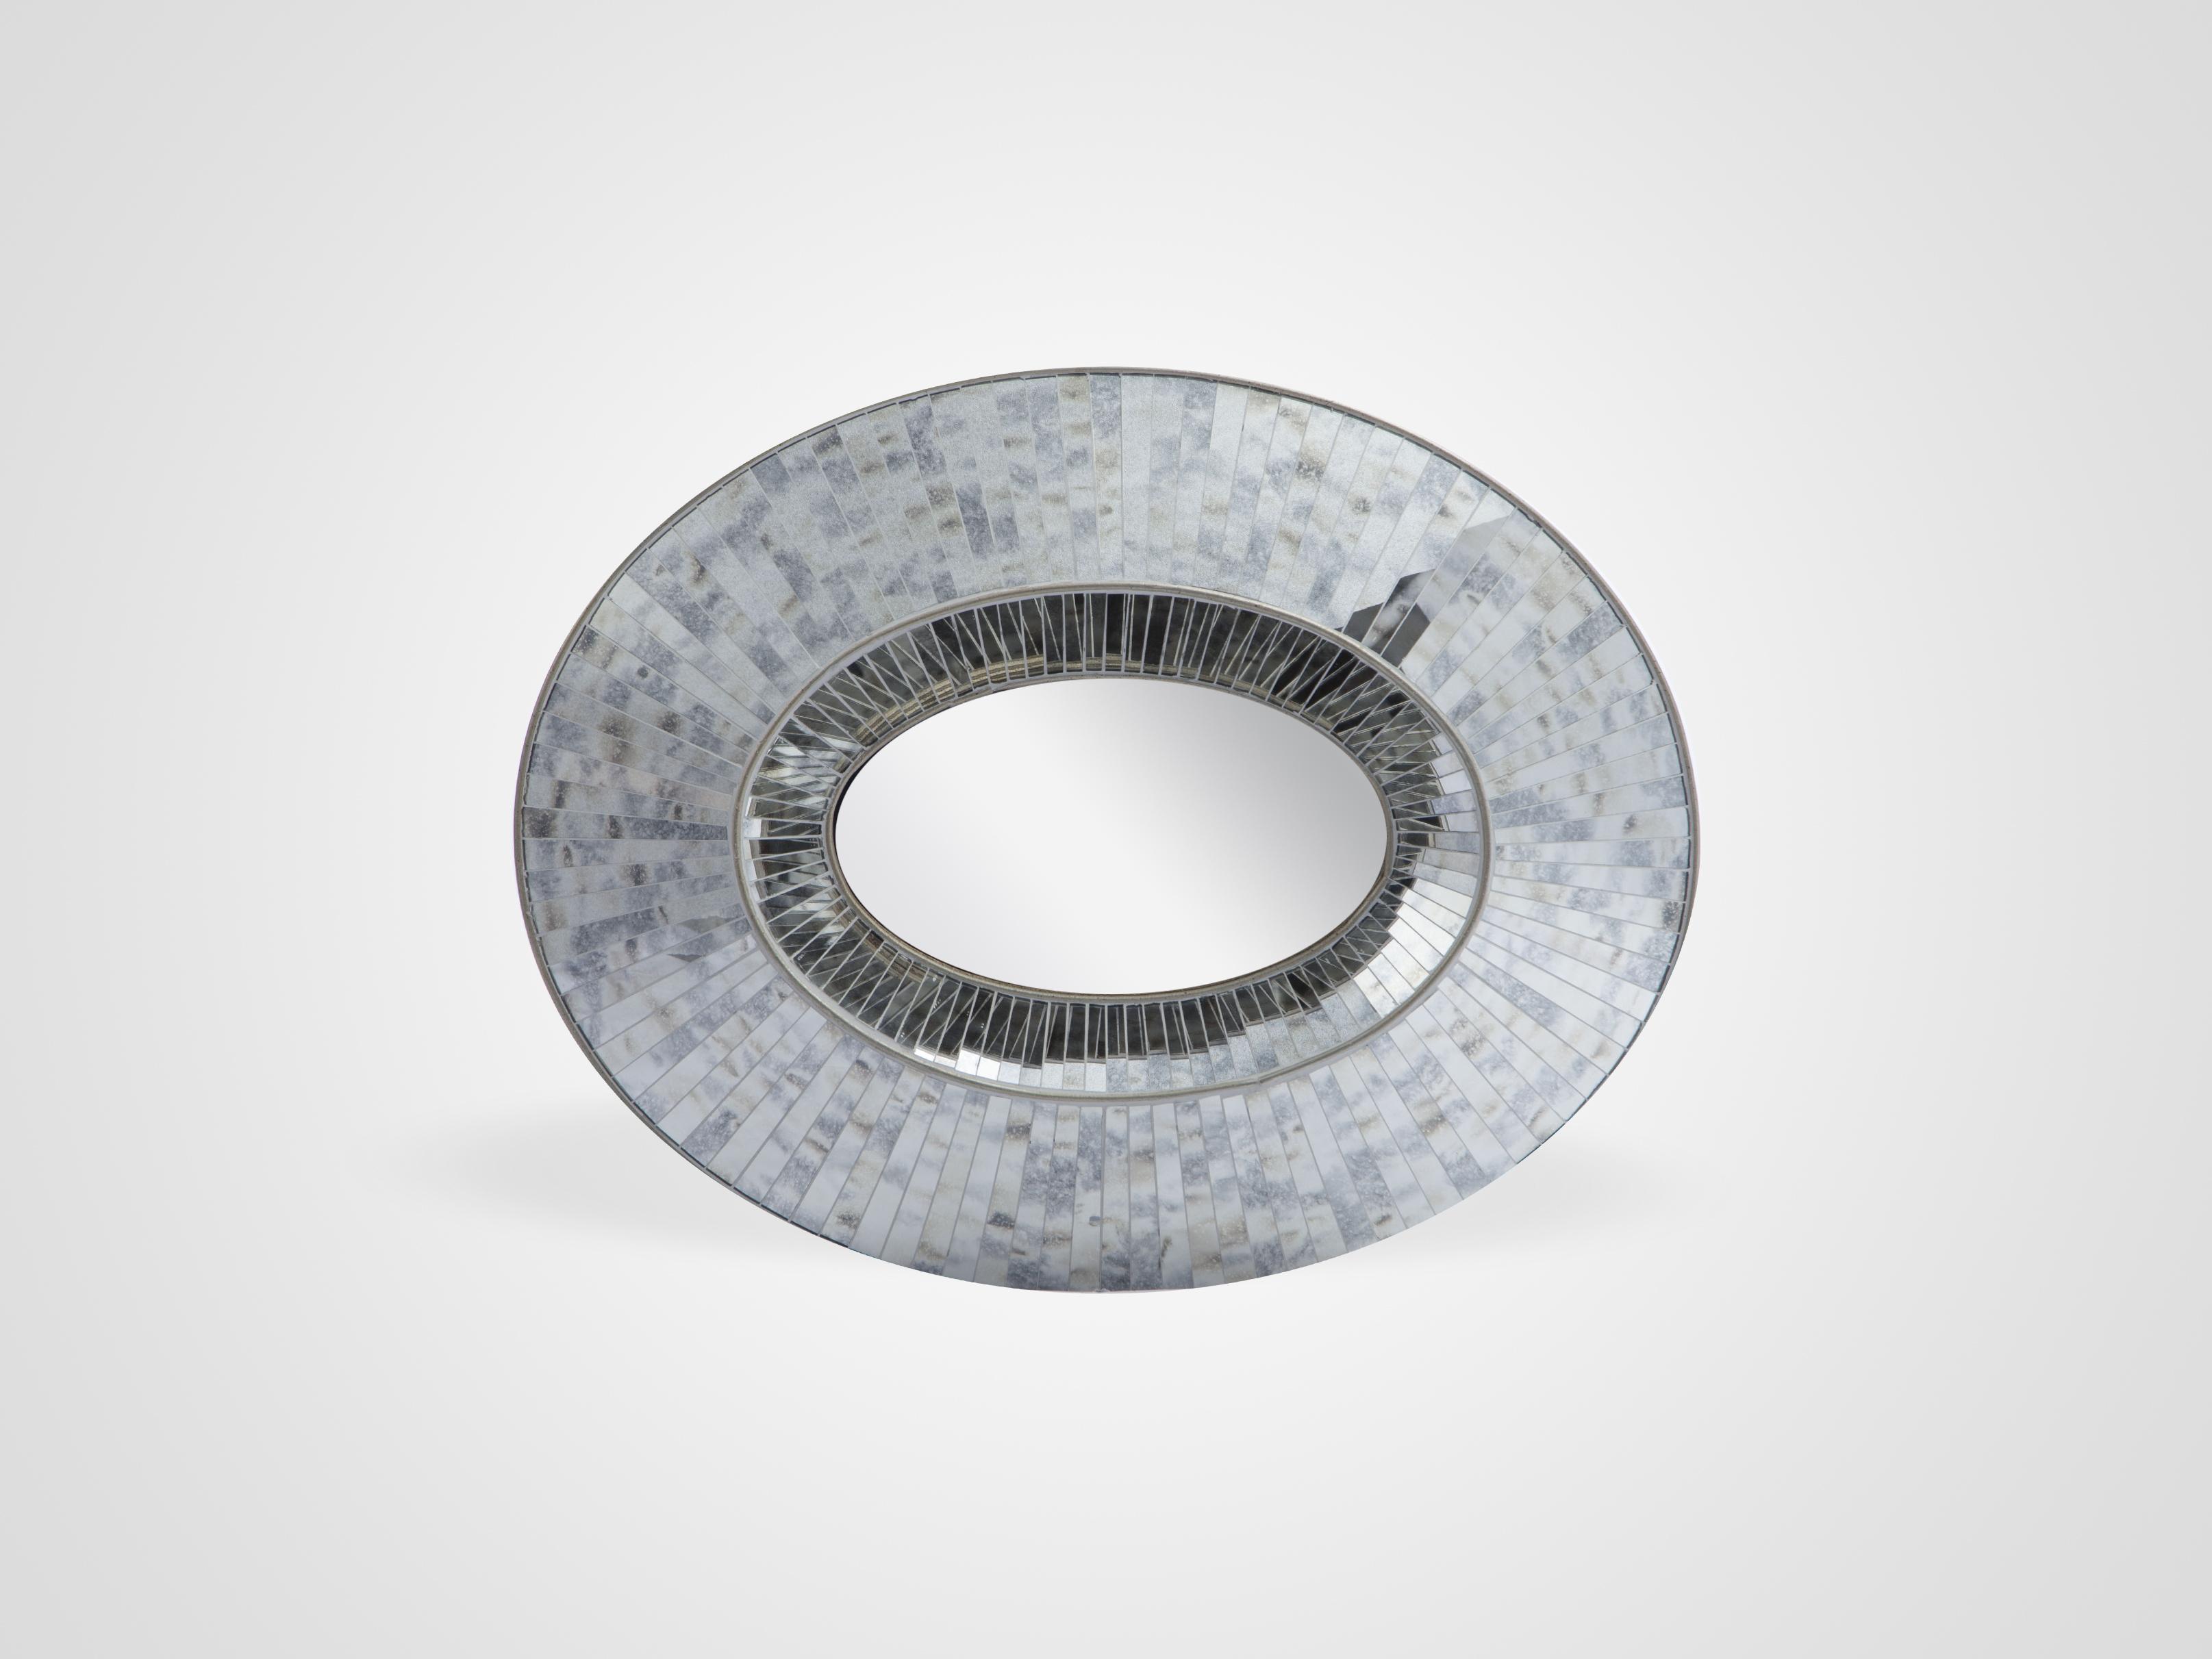 Купить Зеркало настенное круглое, inmyroom, Китай